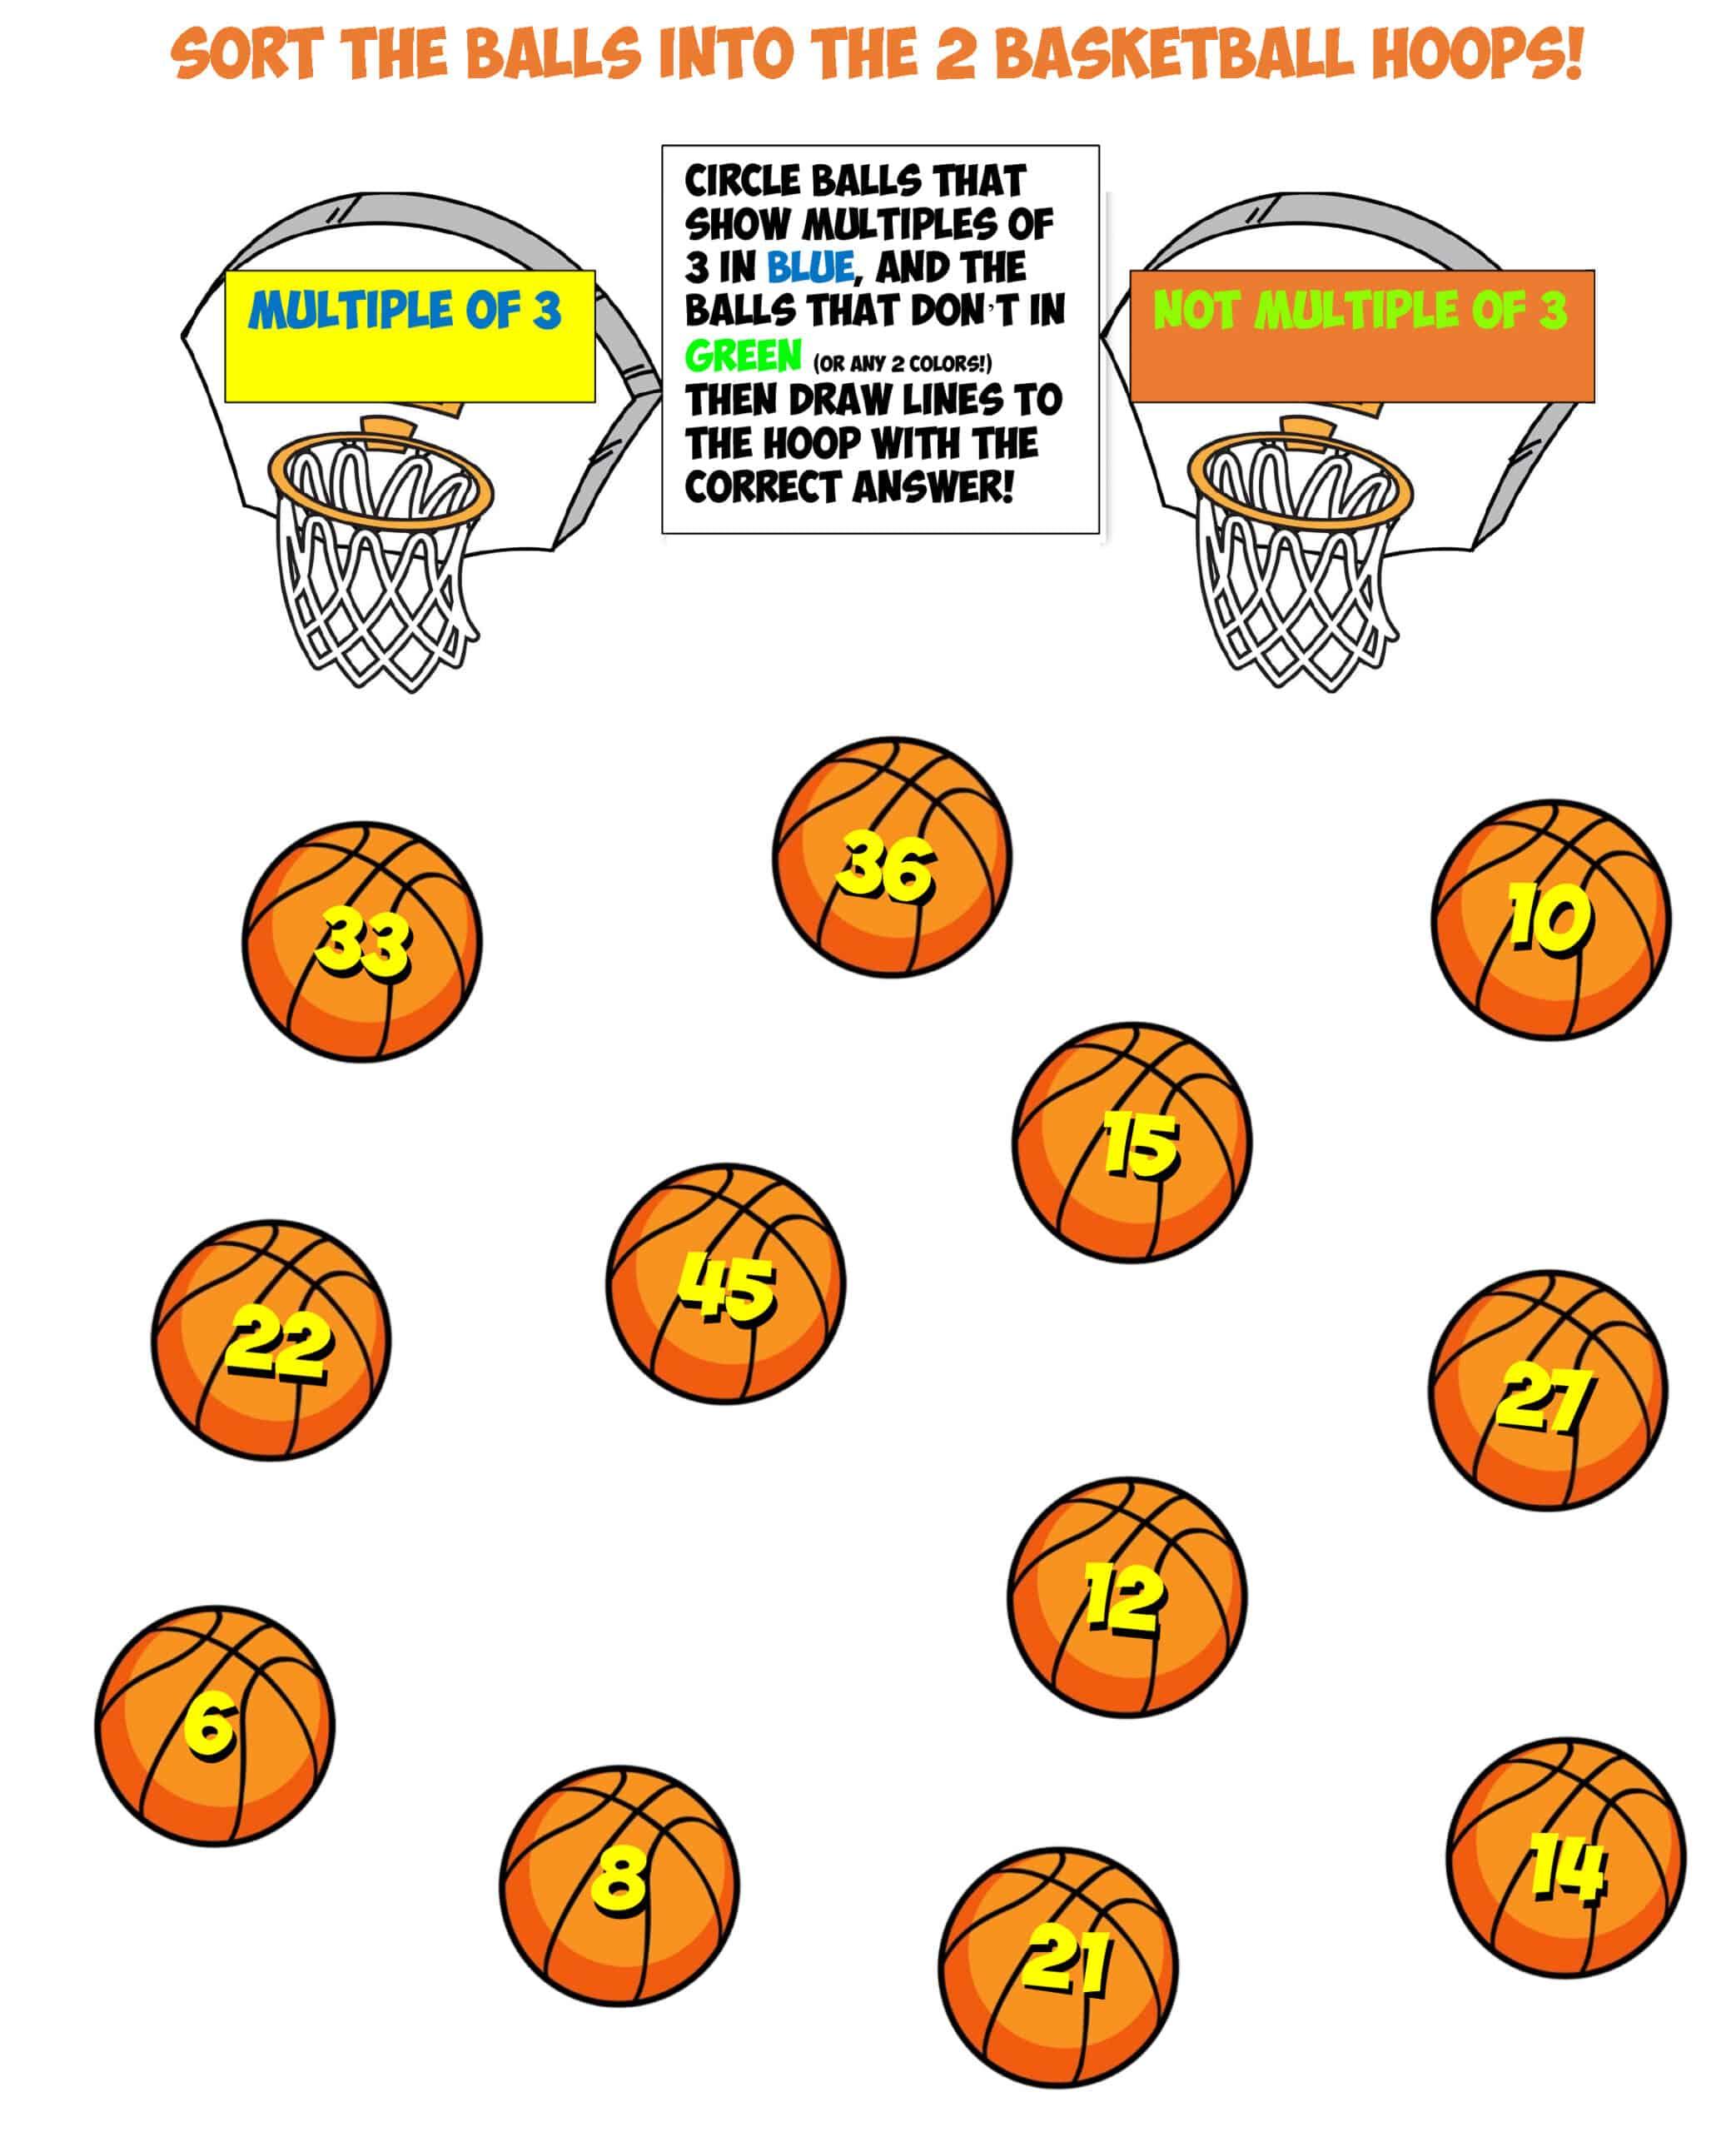 basketball sort worksheet #10 multiples of 3